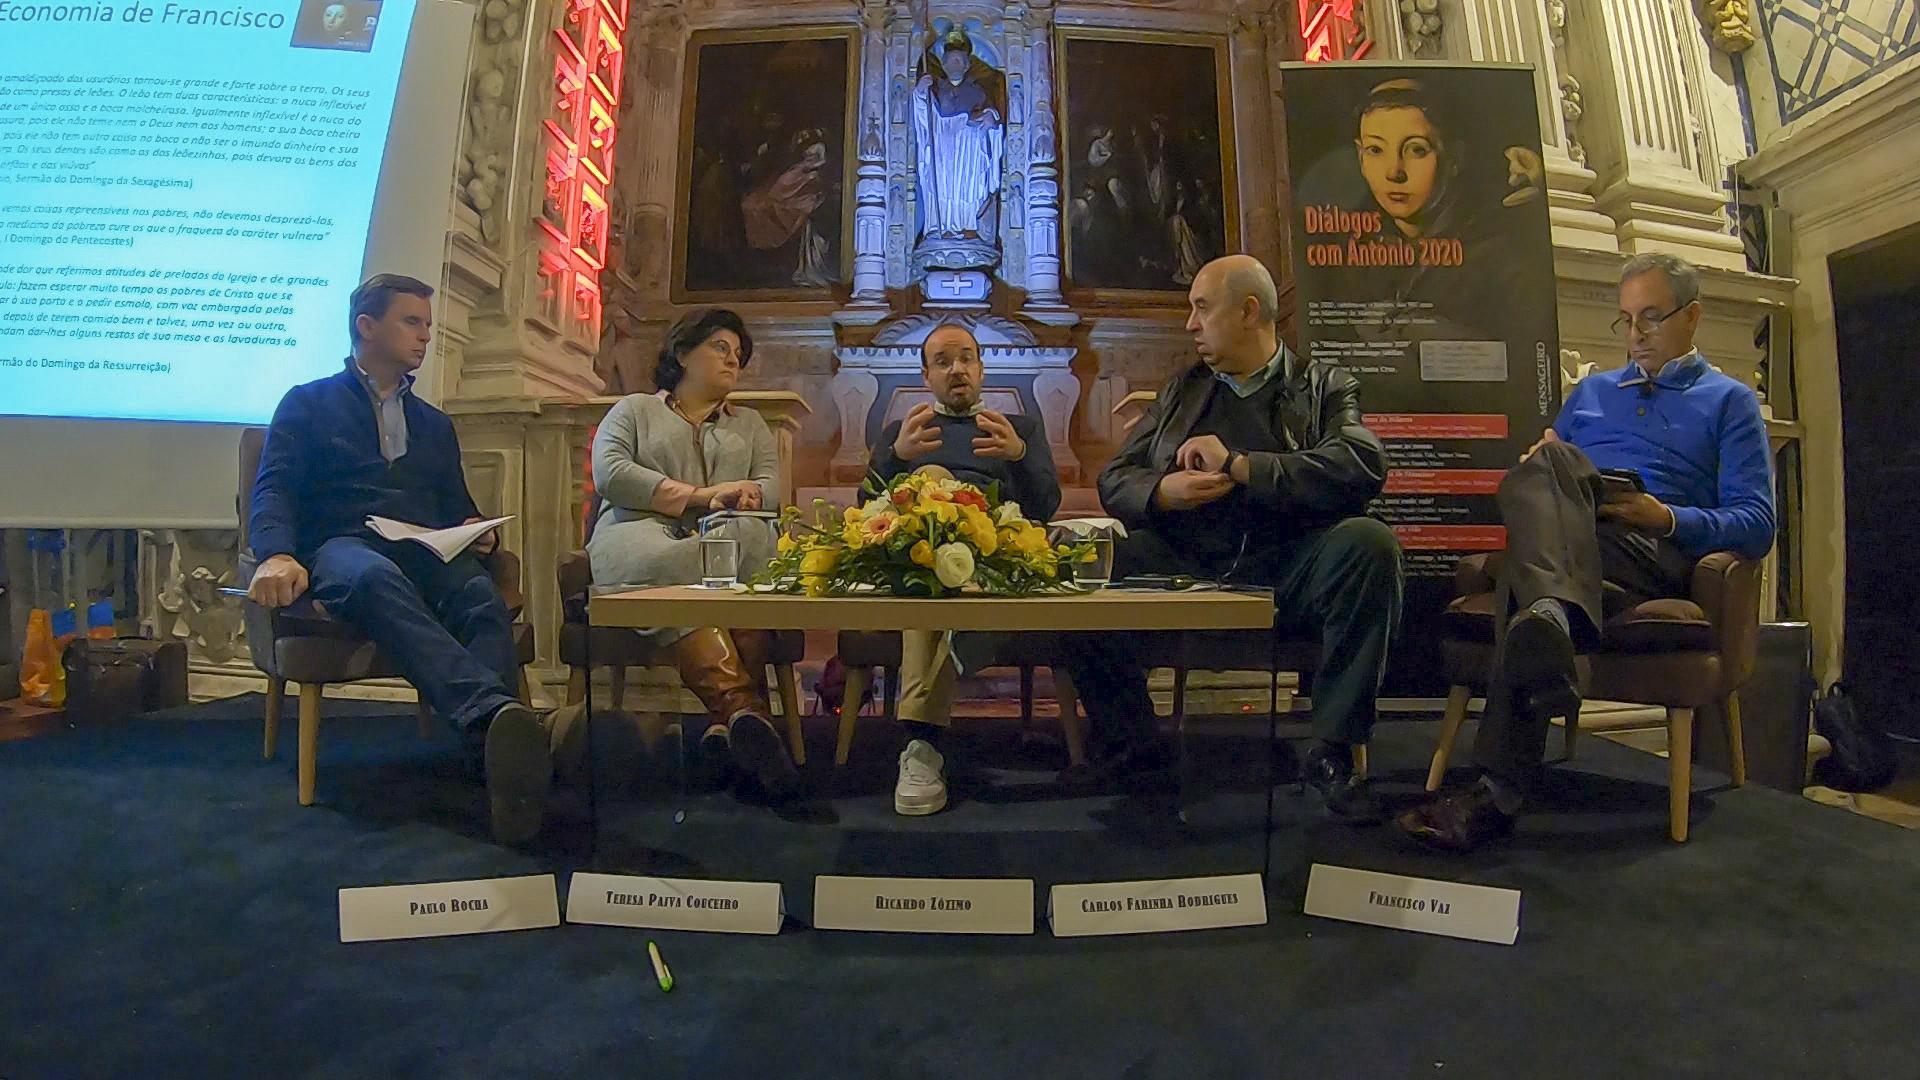 Diálogos com António: A Economia de Francisco